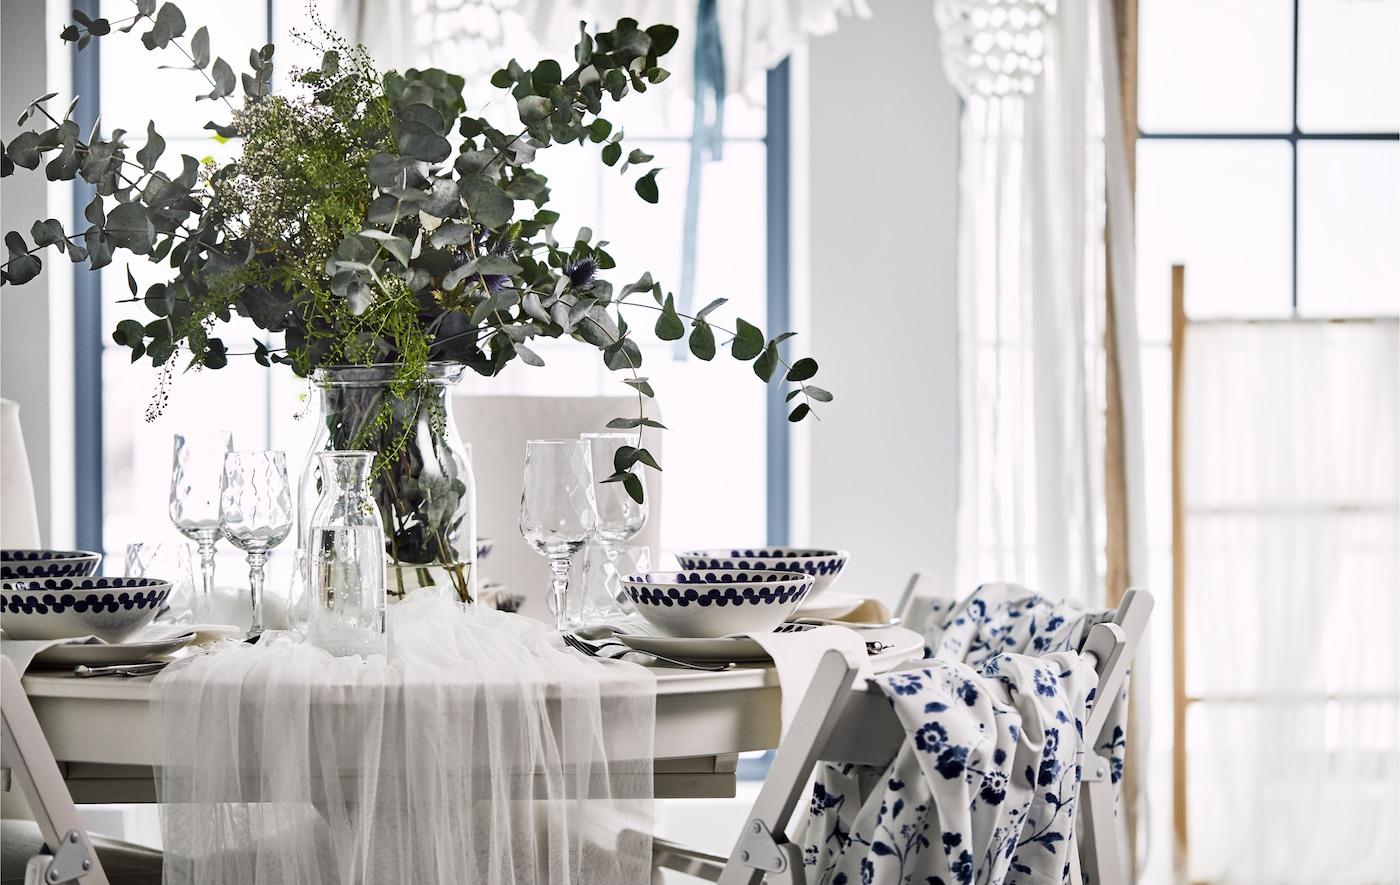 Romantično uređen stol – bijeli je til prebačenim preko okruglog stola s vazom punom divljeg cvijeća i listova eukaliptusa.